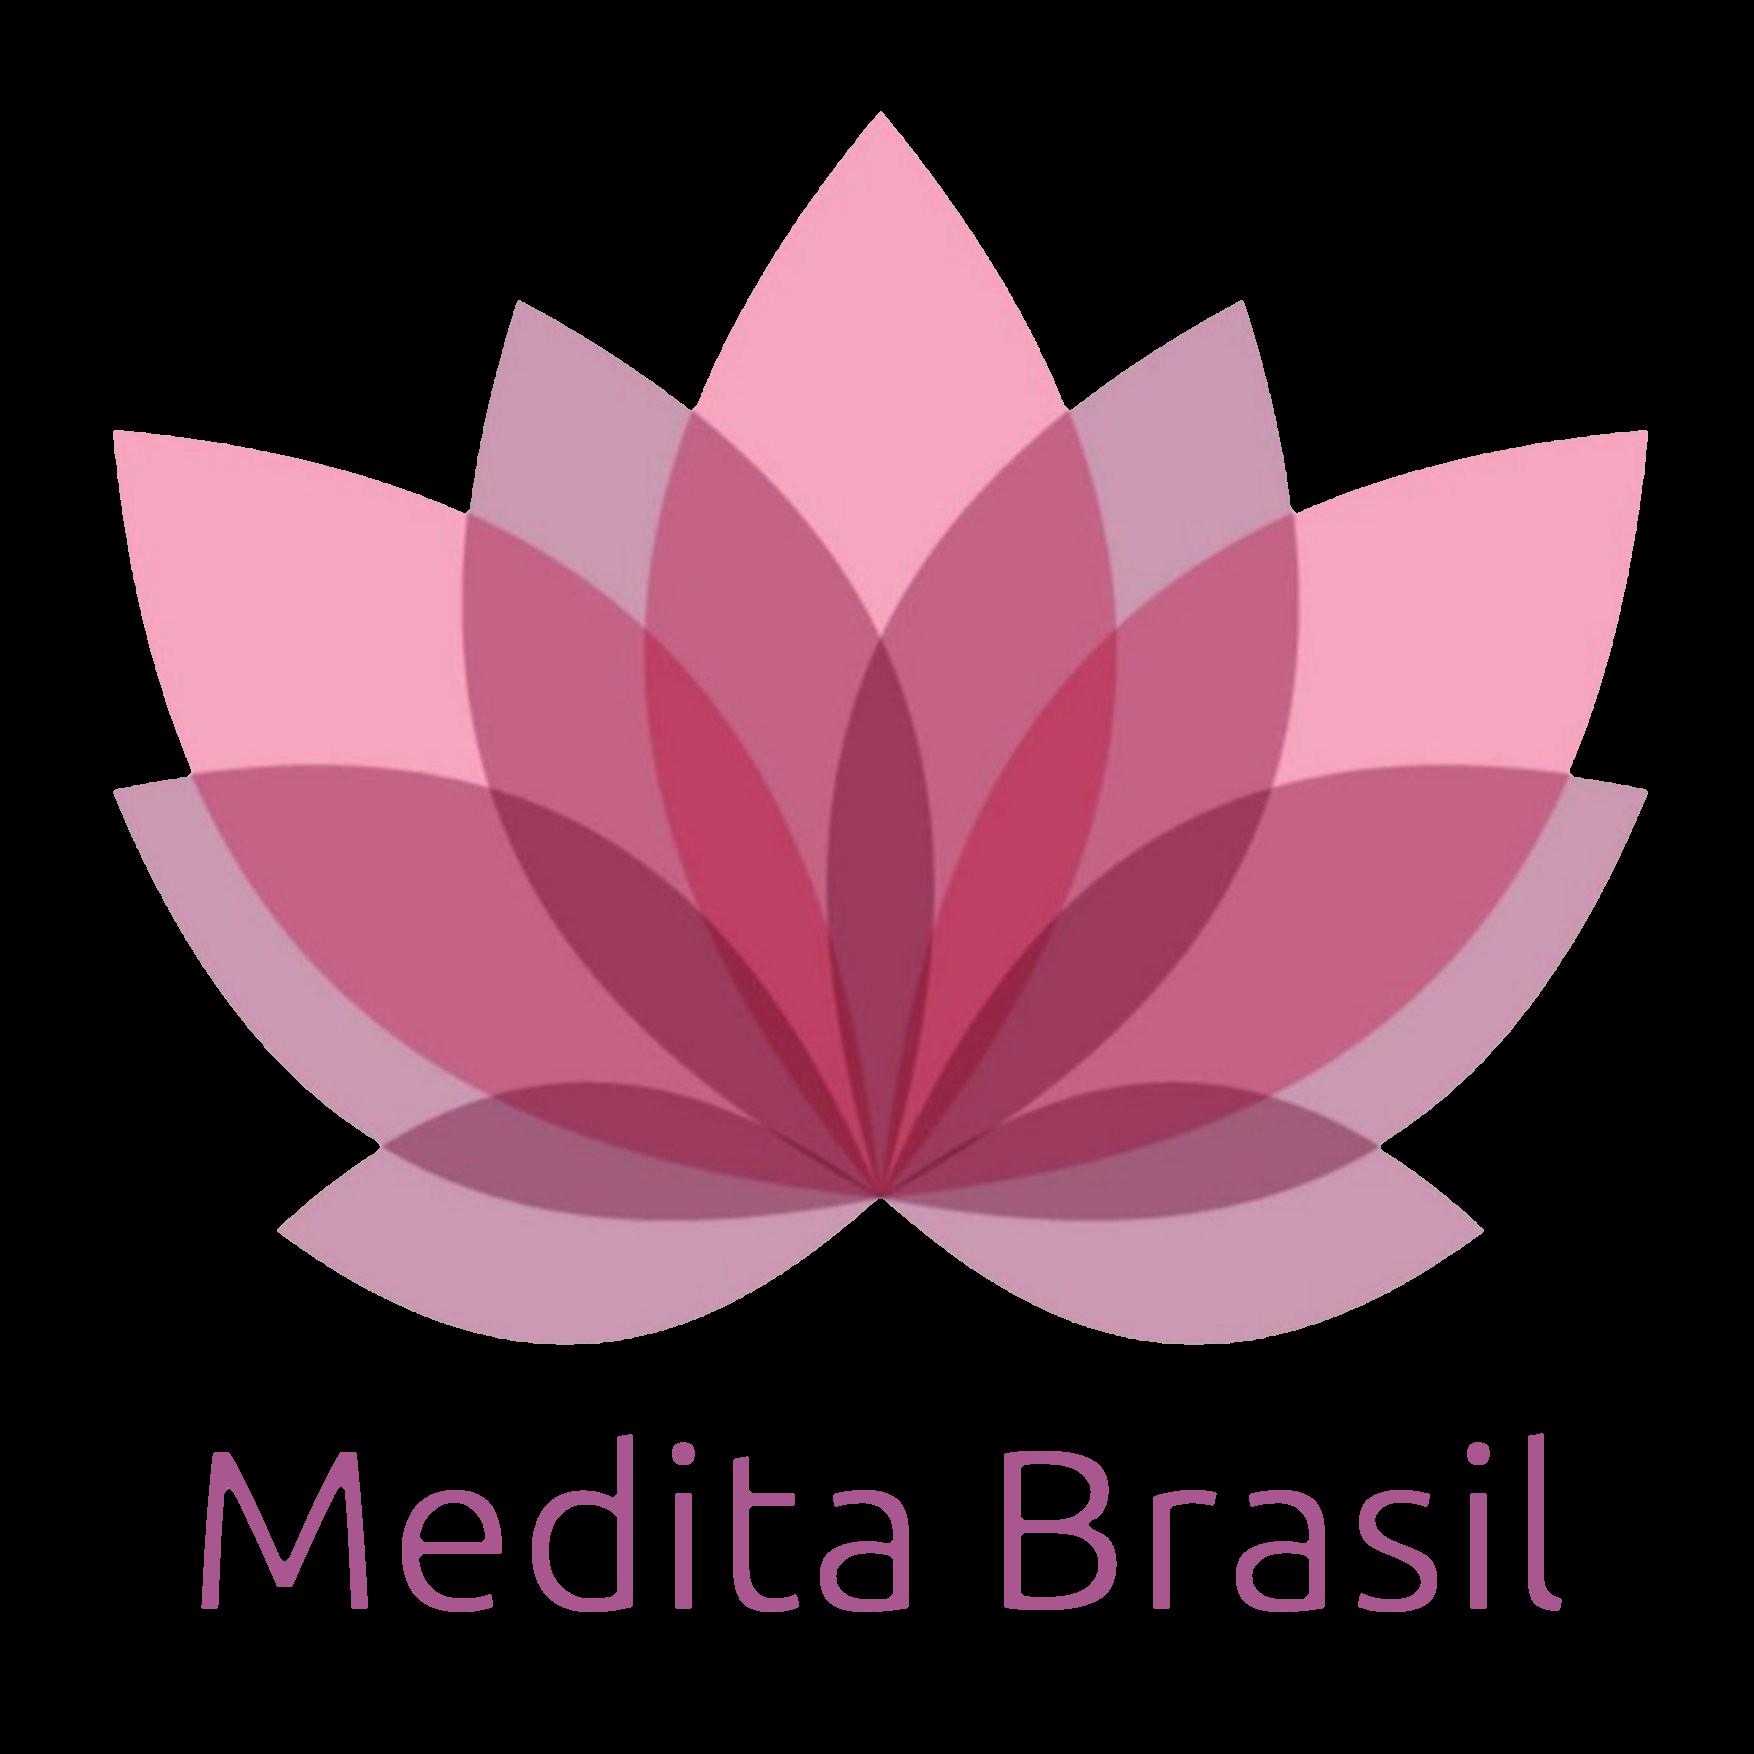 Medita, Brasil!